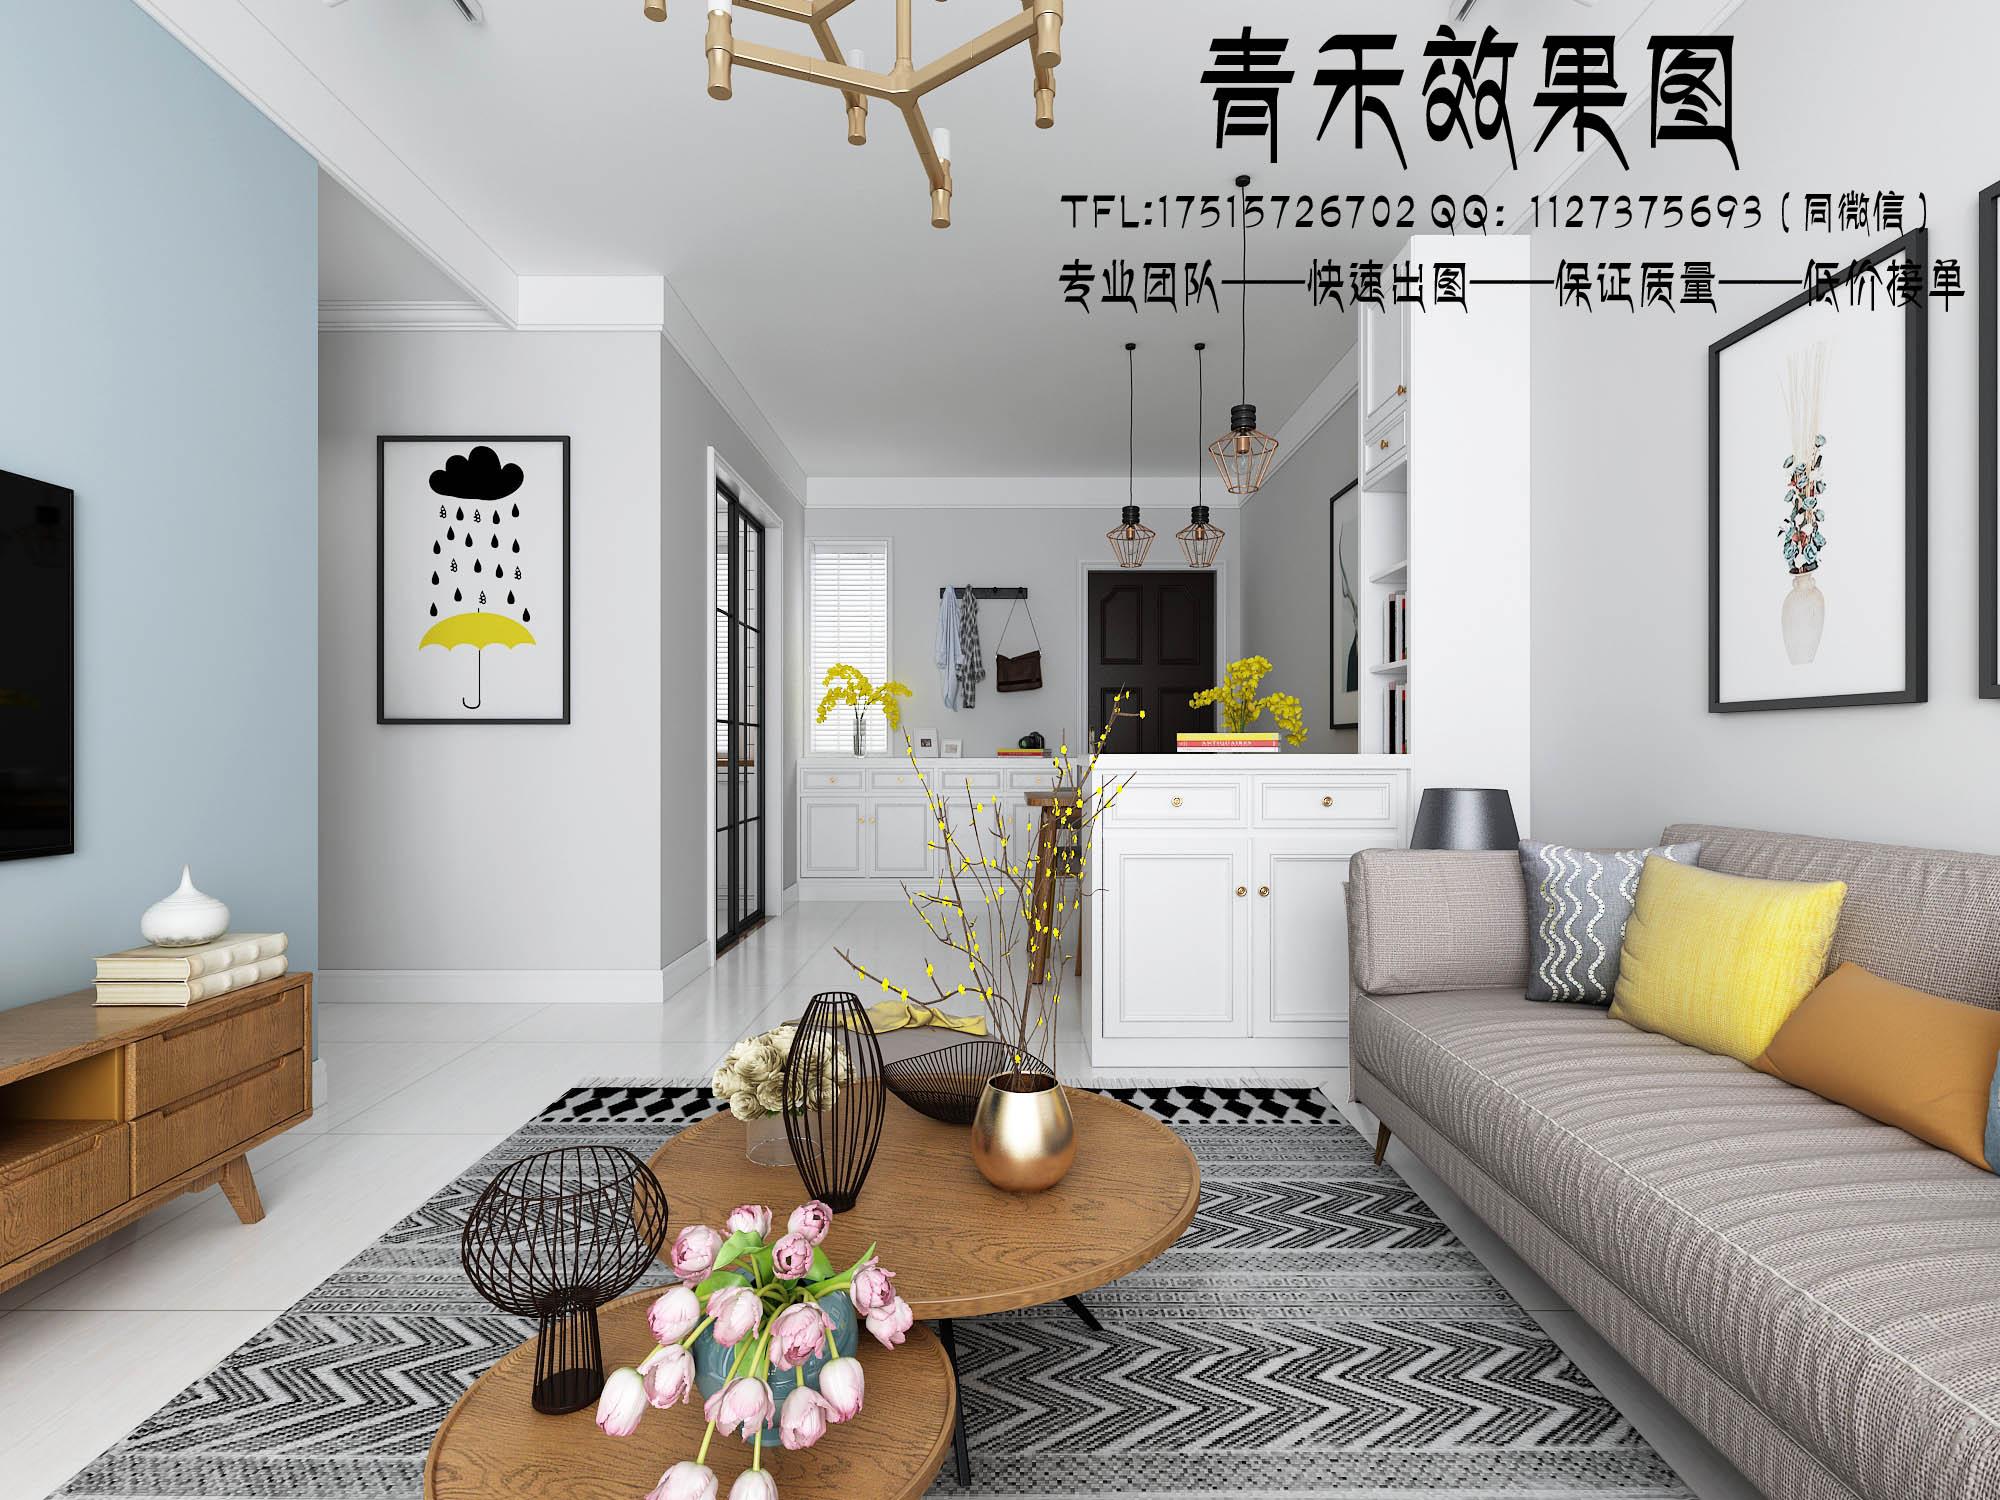 天津青桔装饰工程有限公司